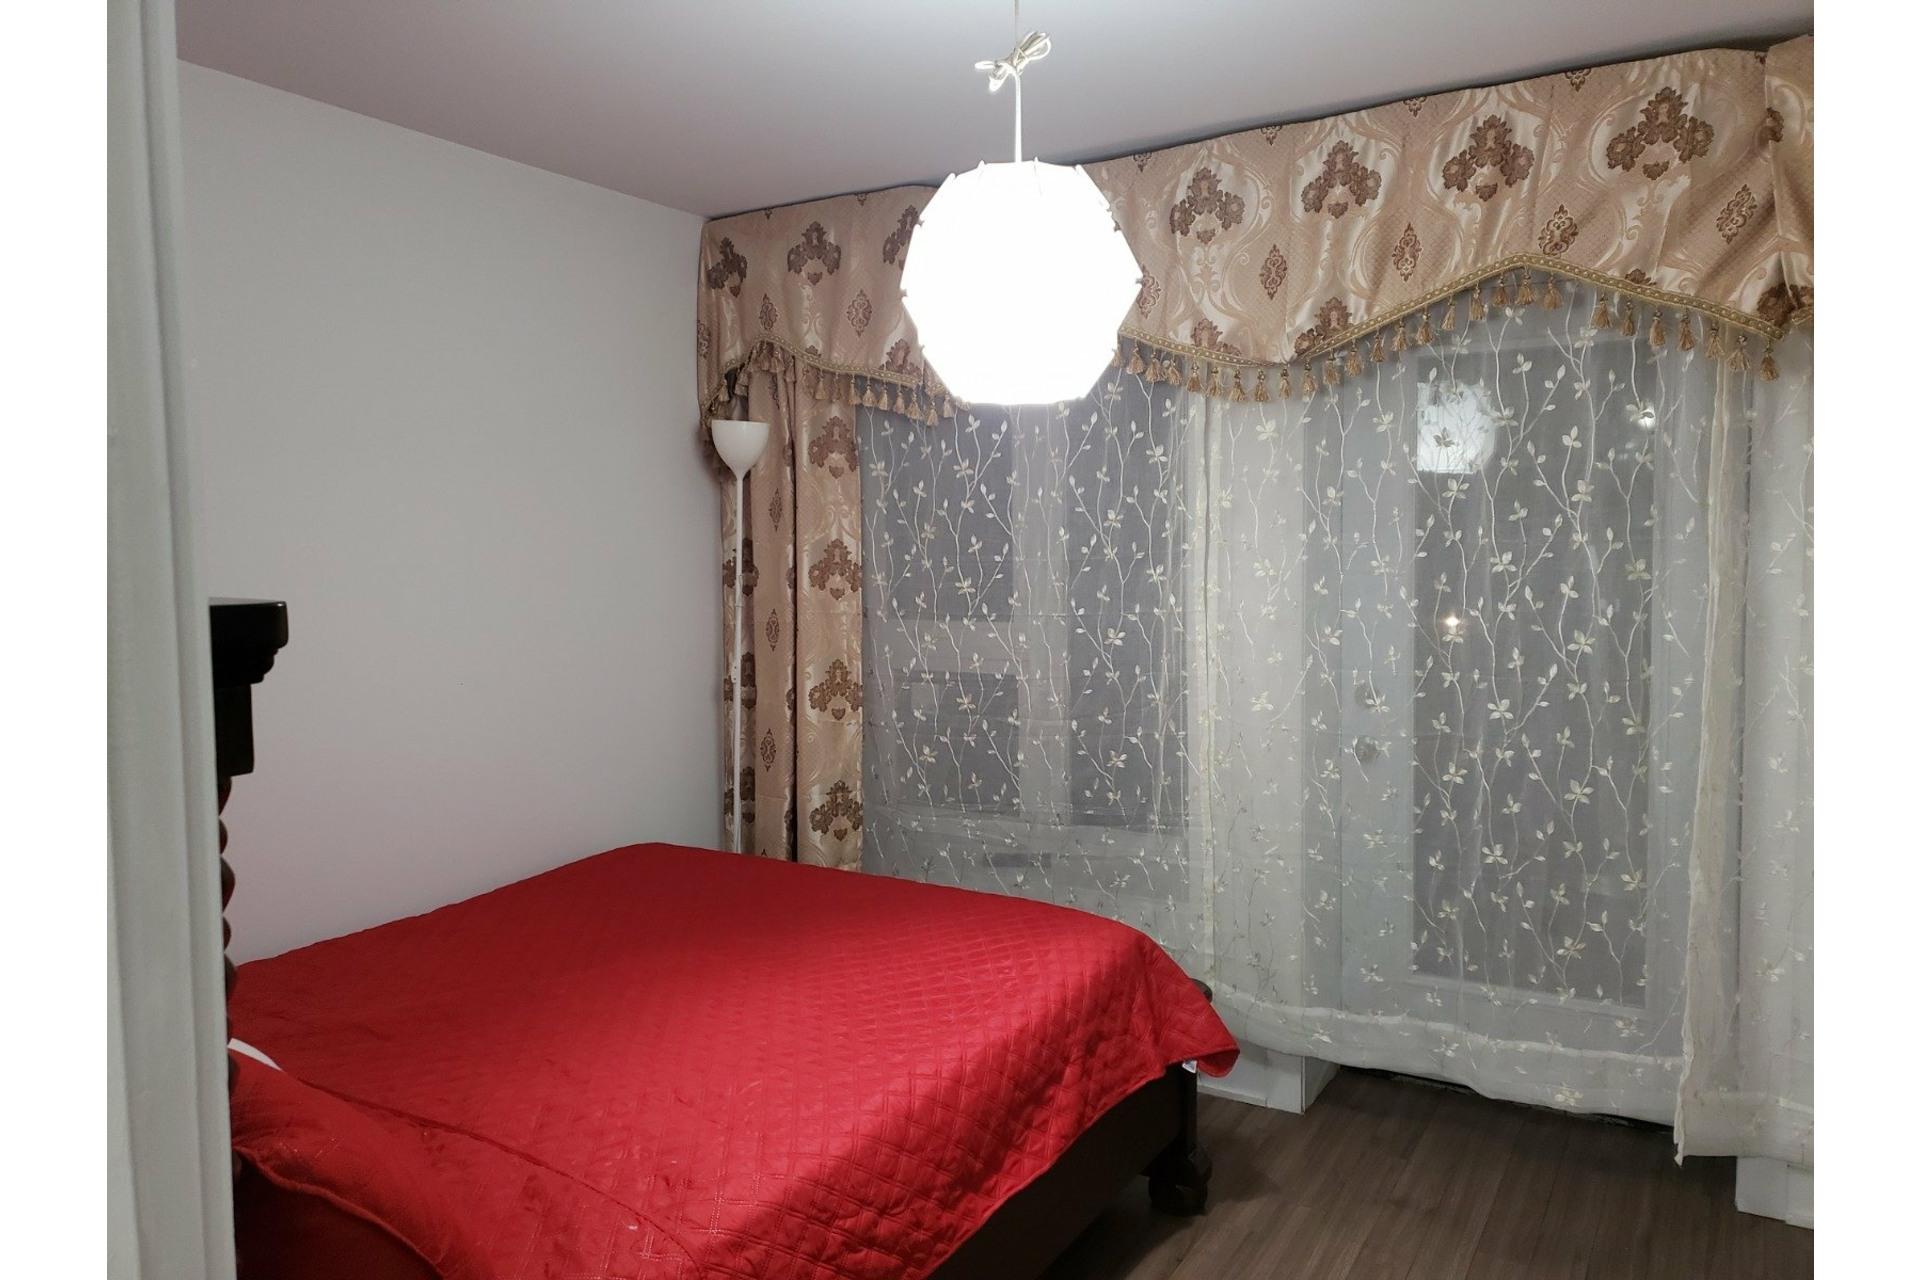 image 7 - Appartement À louer Côte-des-Neiges/Notre-Dame-de-Grâce Montréal  - 4 pièces